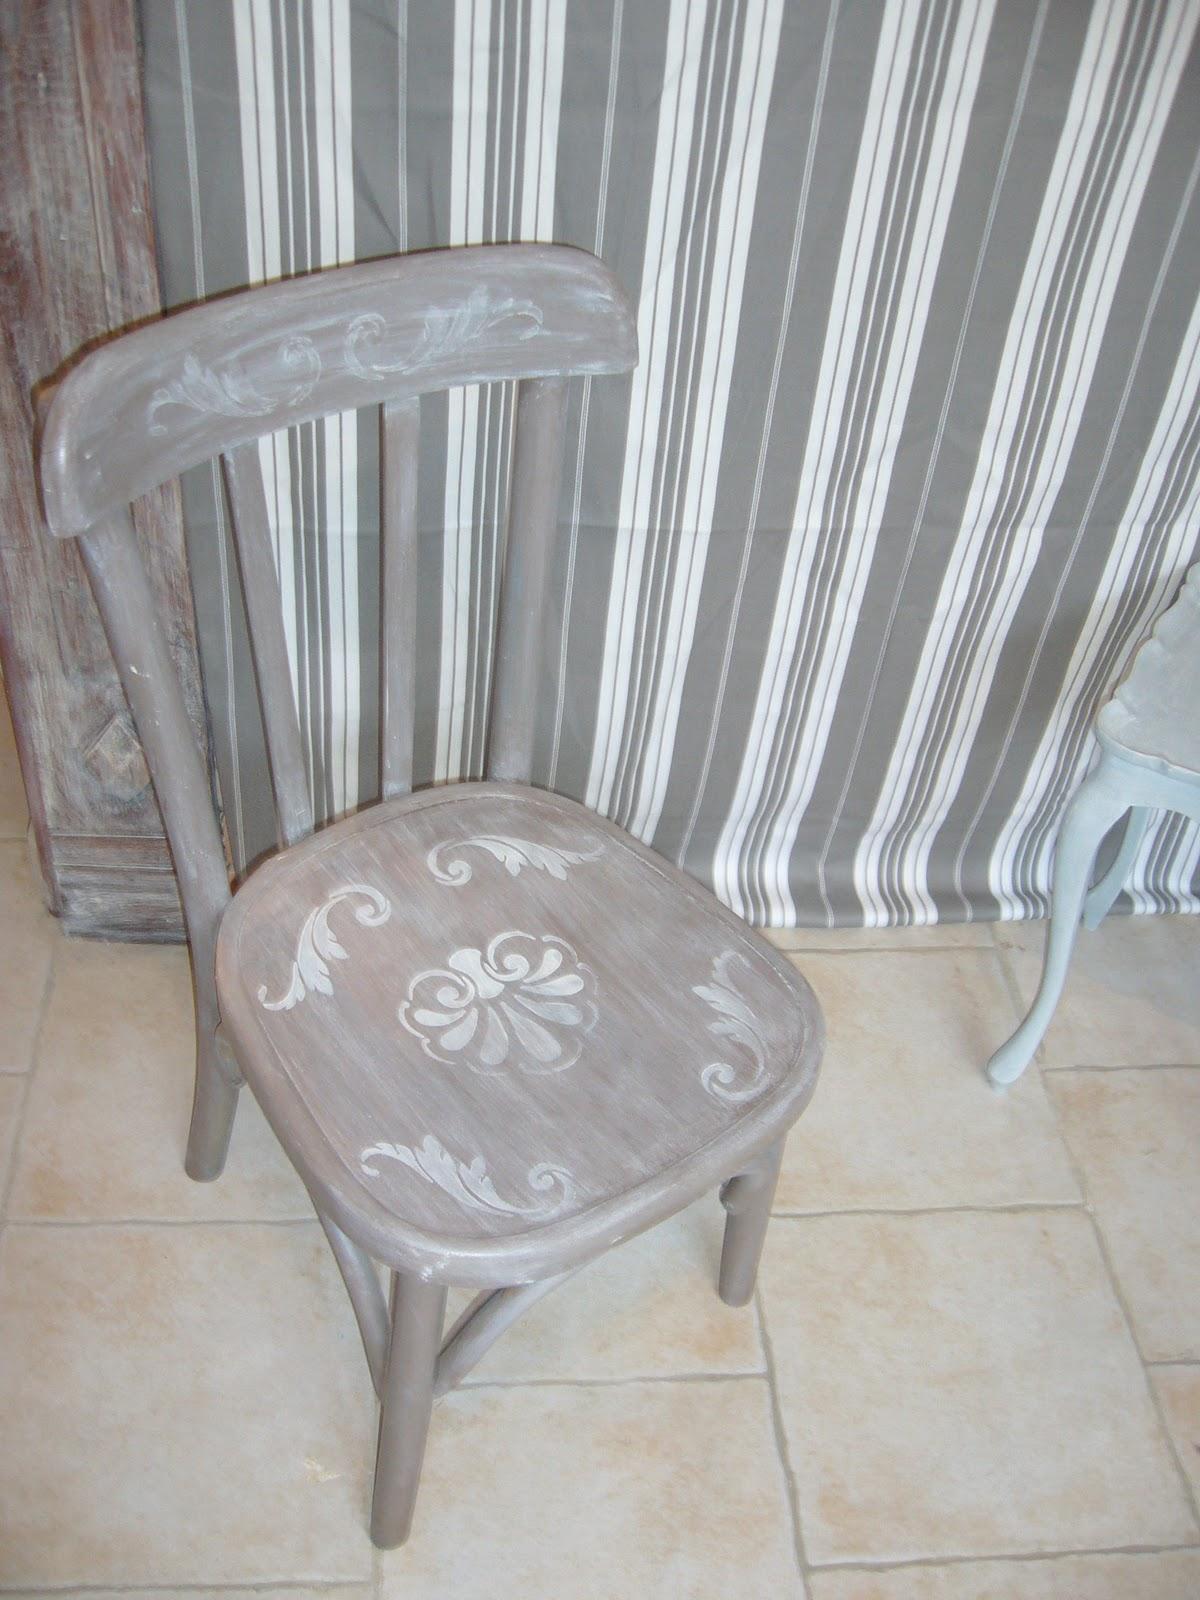 meubles et objets patines. Black Bedroom Furniture Sets. Home Design Ideas